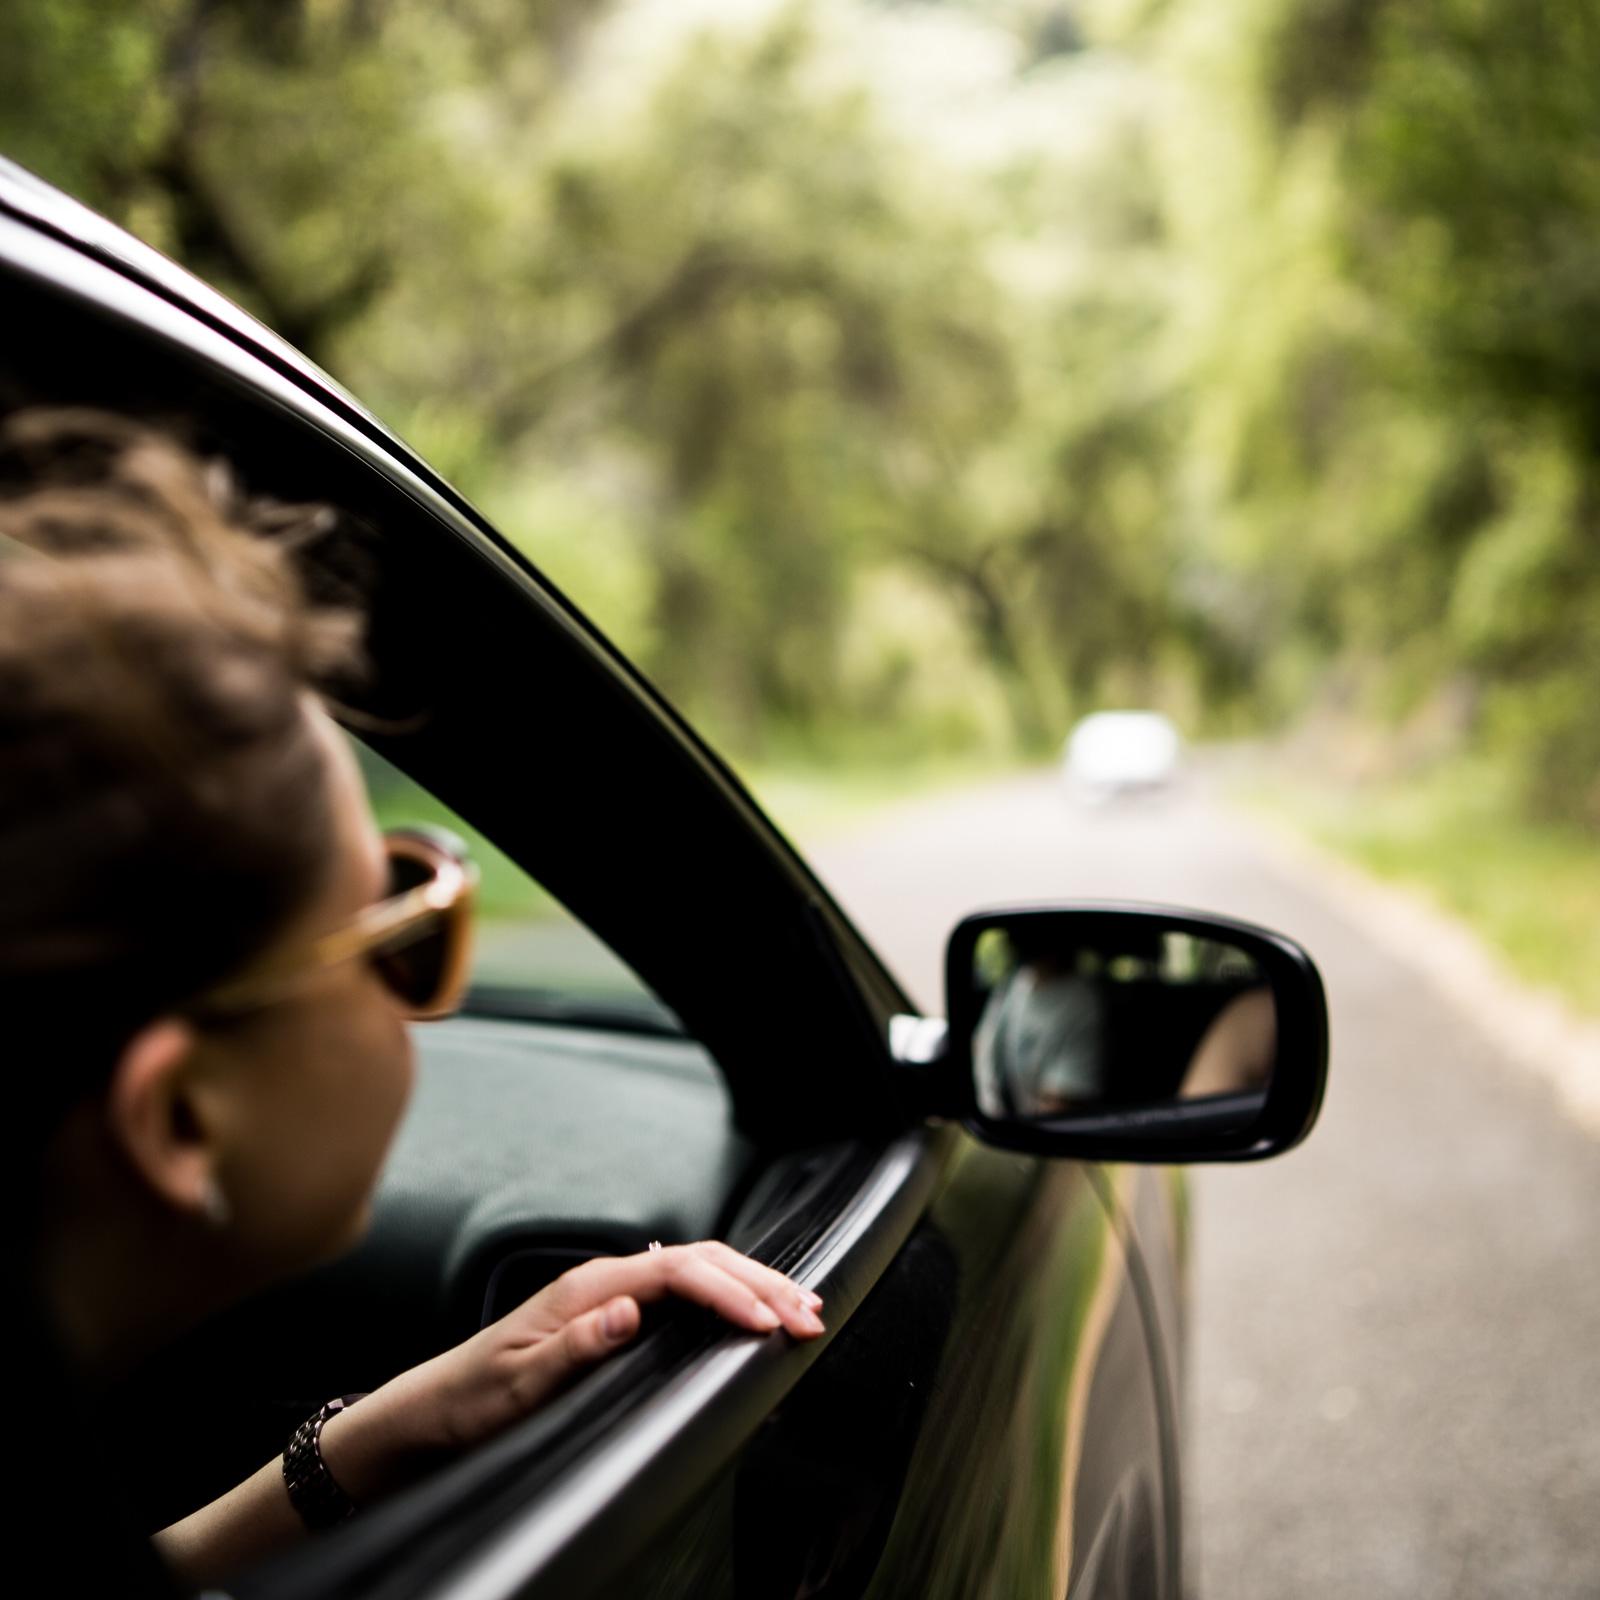 Das Auto ist bei weitem das beliebsteste Verkehrsmittel für den Sommerurlaub.